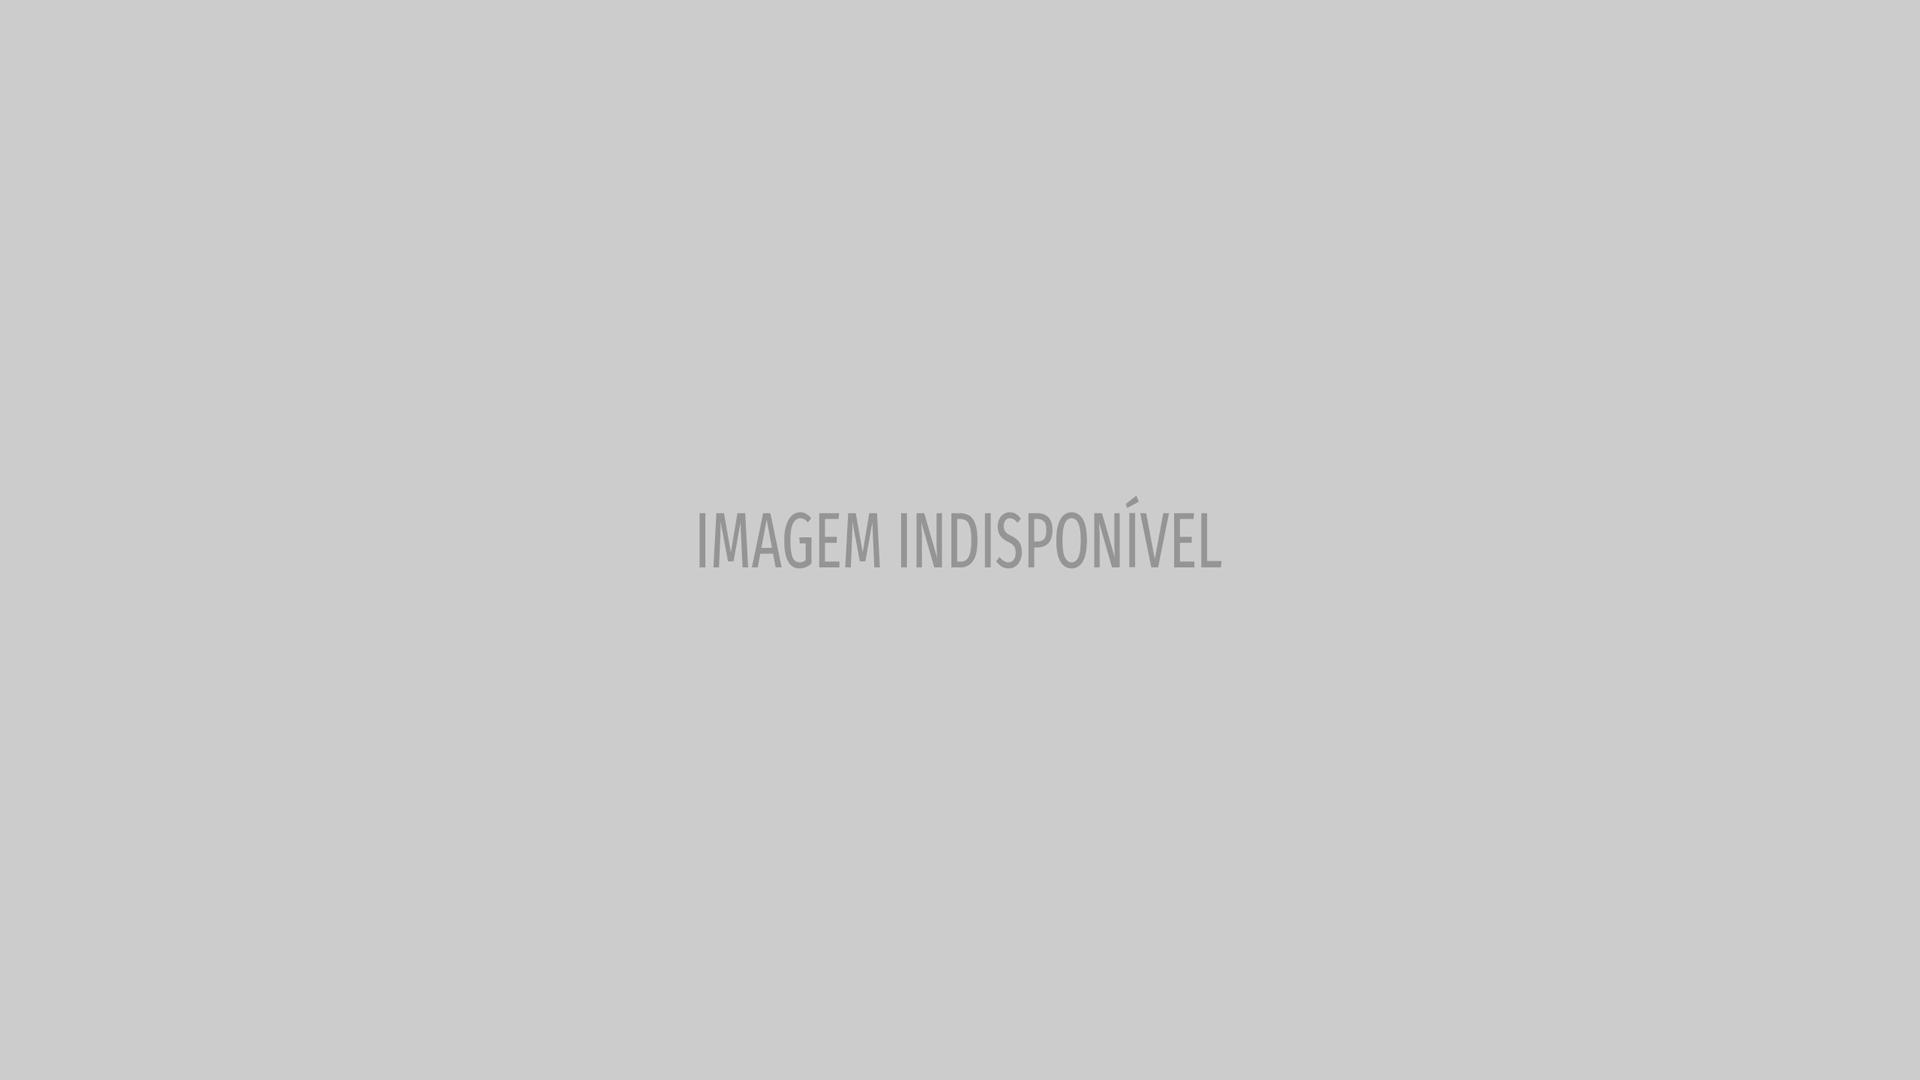 Palmeiras ameaça tirar jogos do Allianz por más condições do gramado